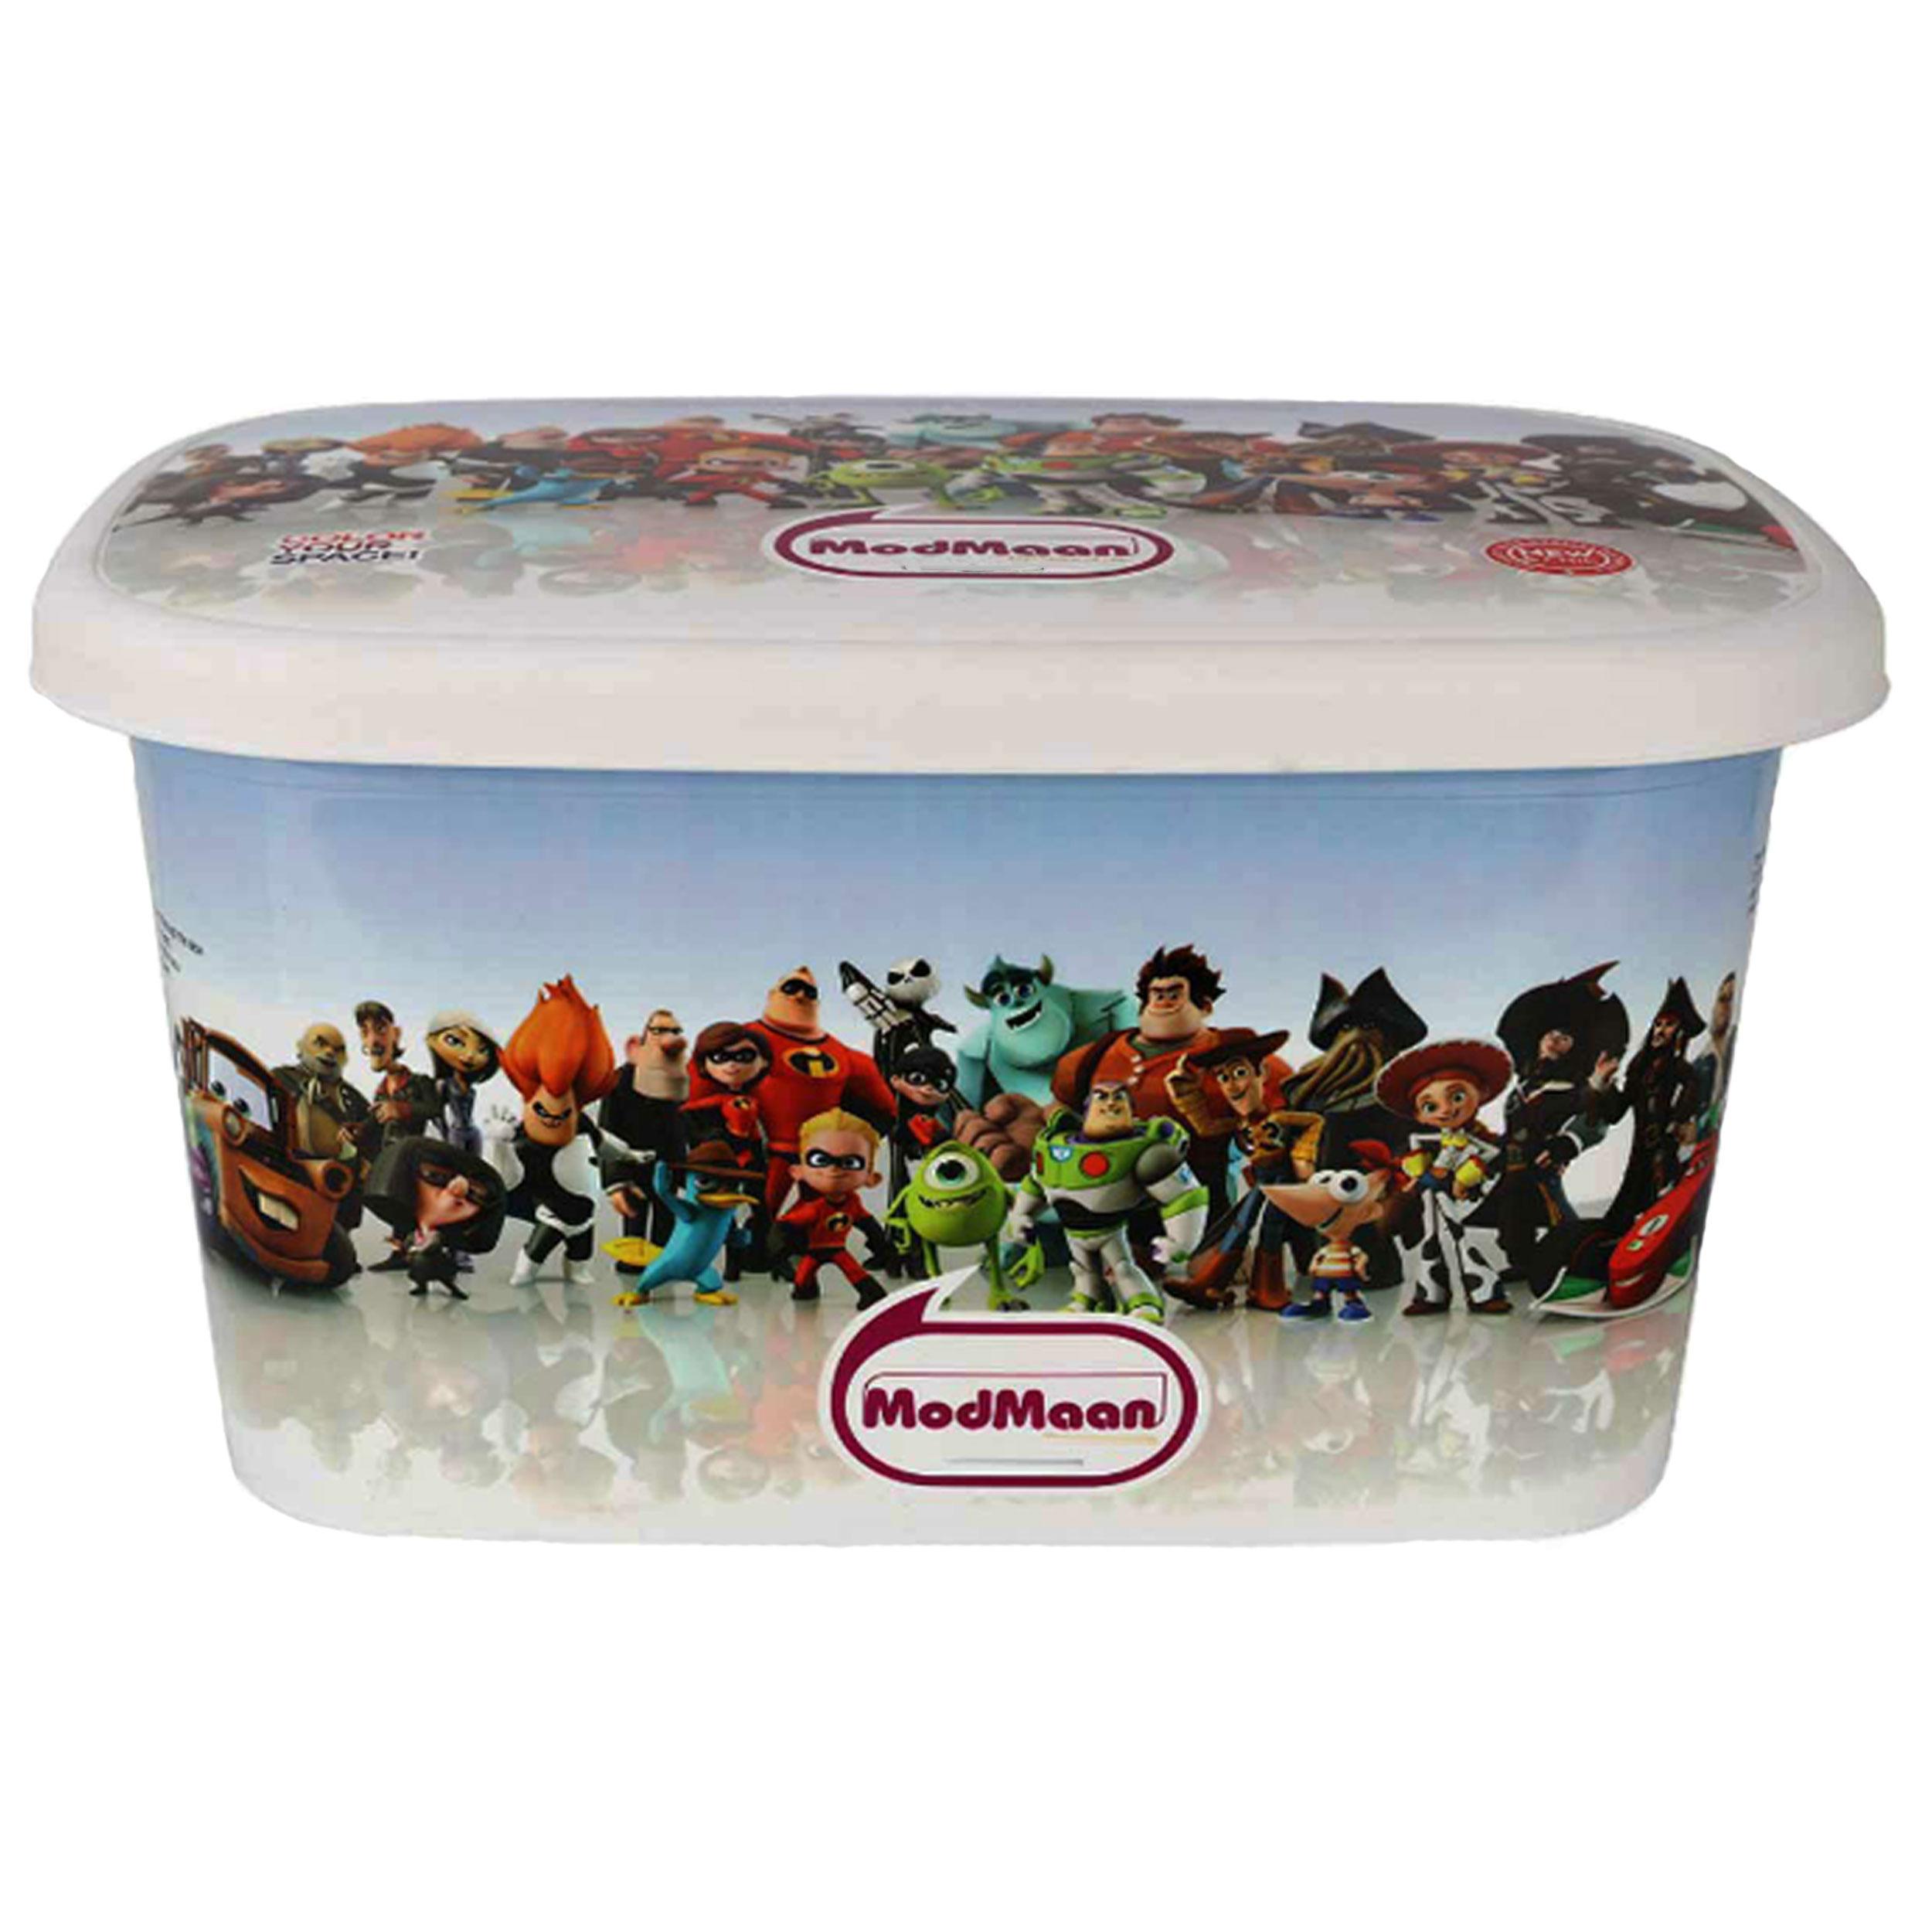 جعبه اسباب بازی کودک مدمان مدل cartoon 3